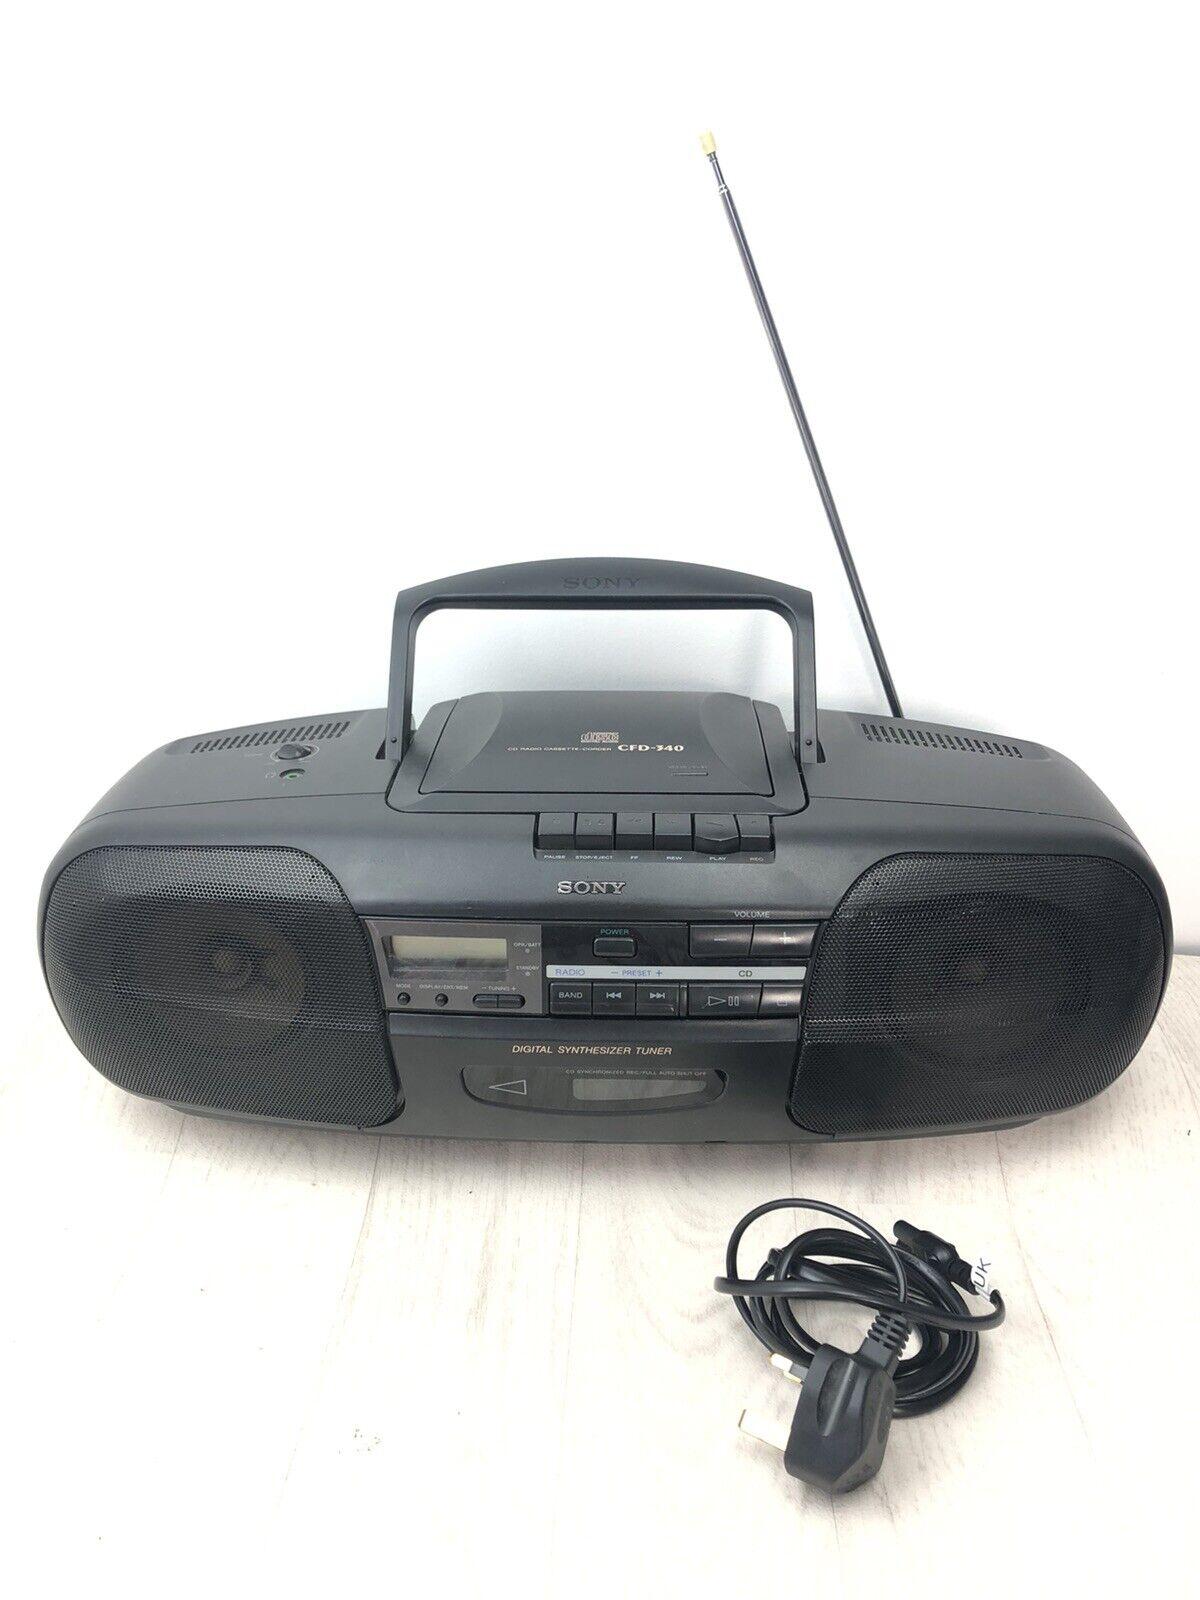 Sony CFD-340 Boombox GhettoBlaster CD Tape Player Radio Stereo Retro Read Descri